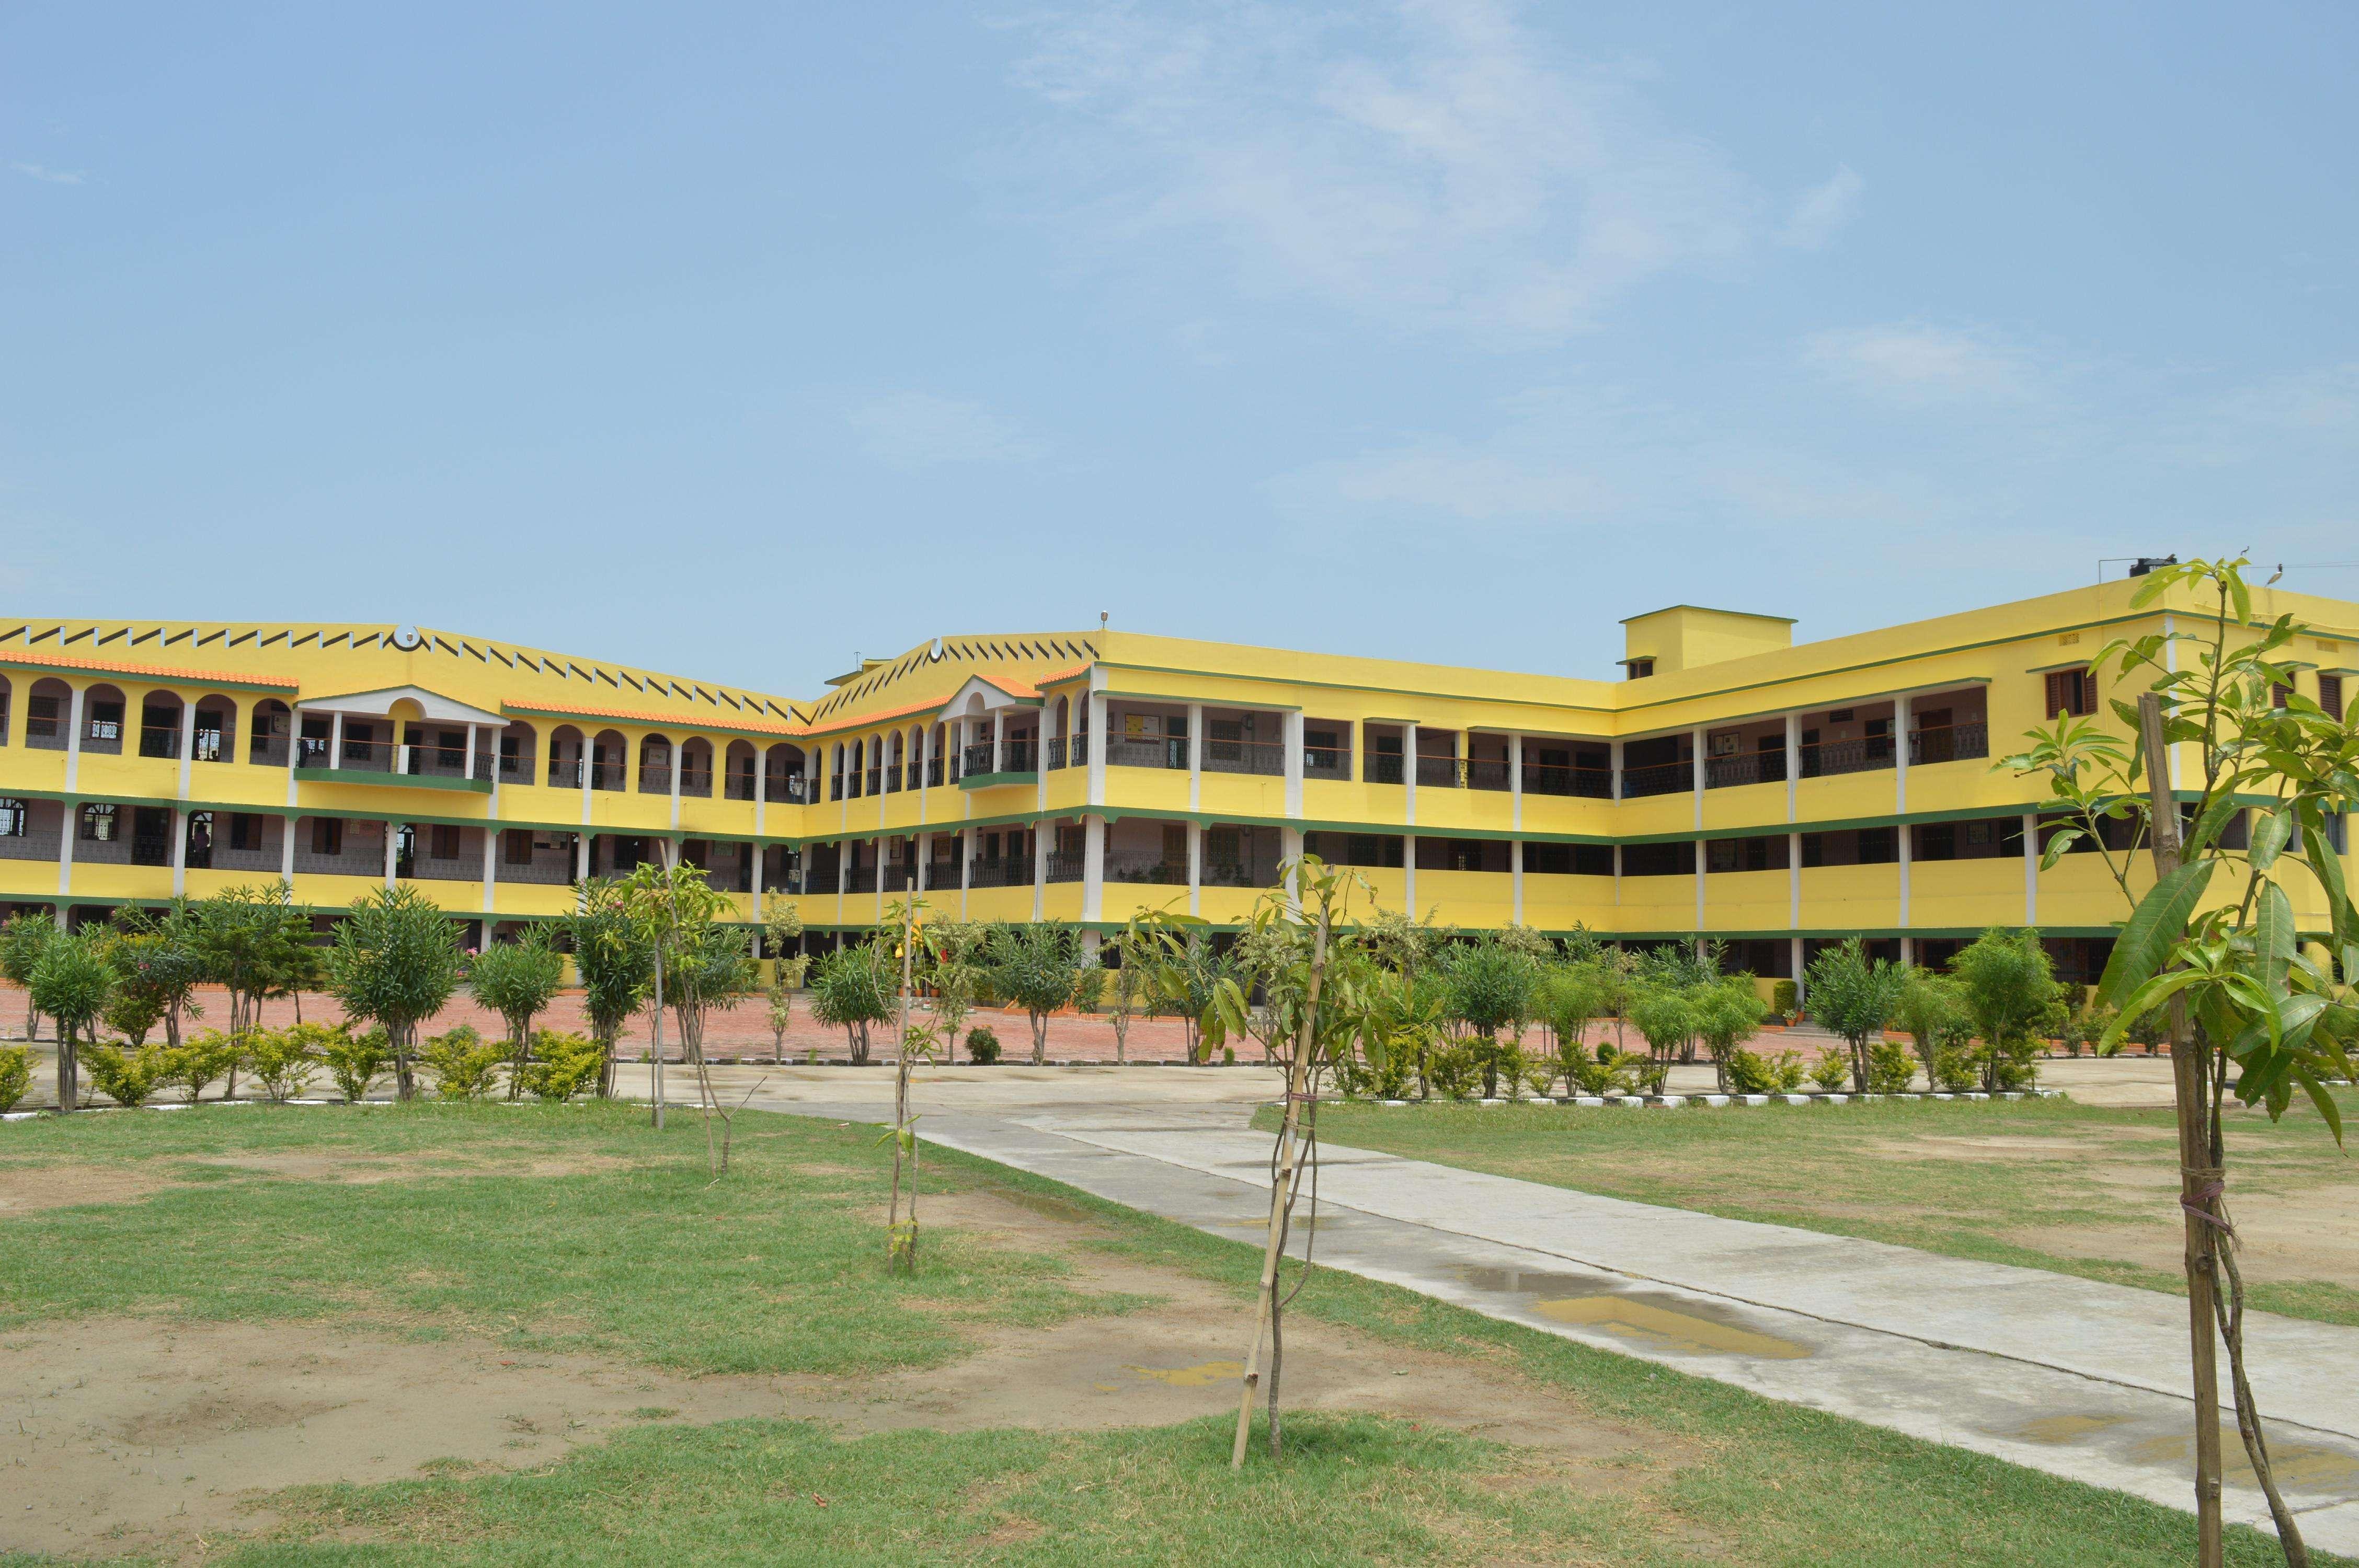 INDIAN PUBLIC SCHOOL STADIUM ROAD MADHUBANI BIHAR 330053